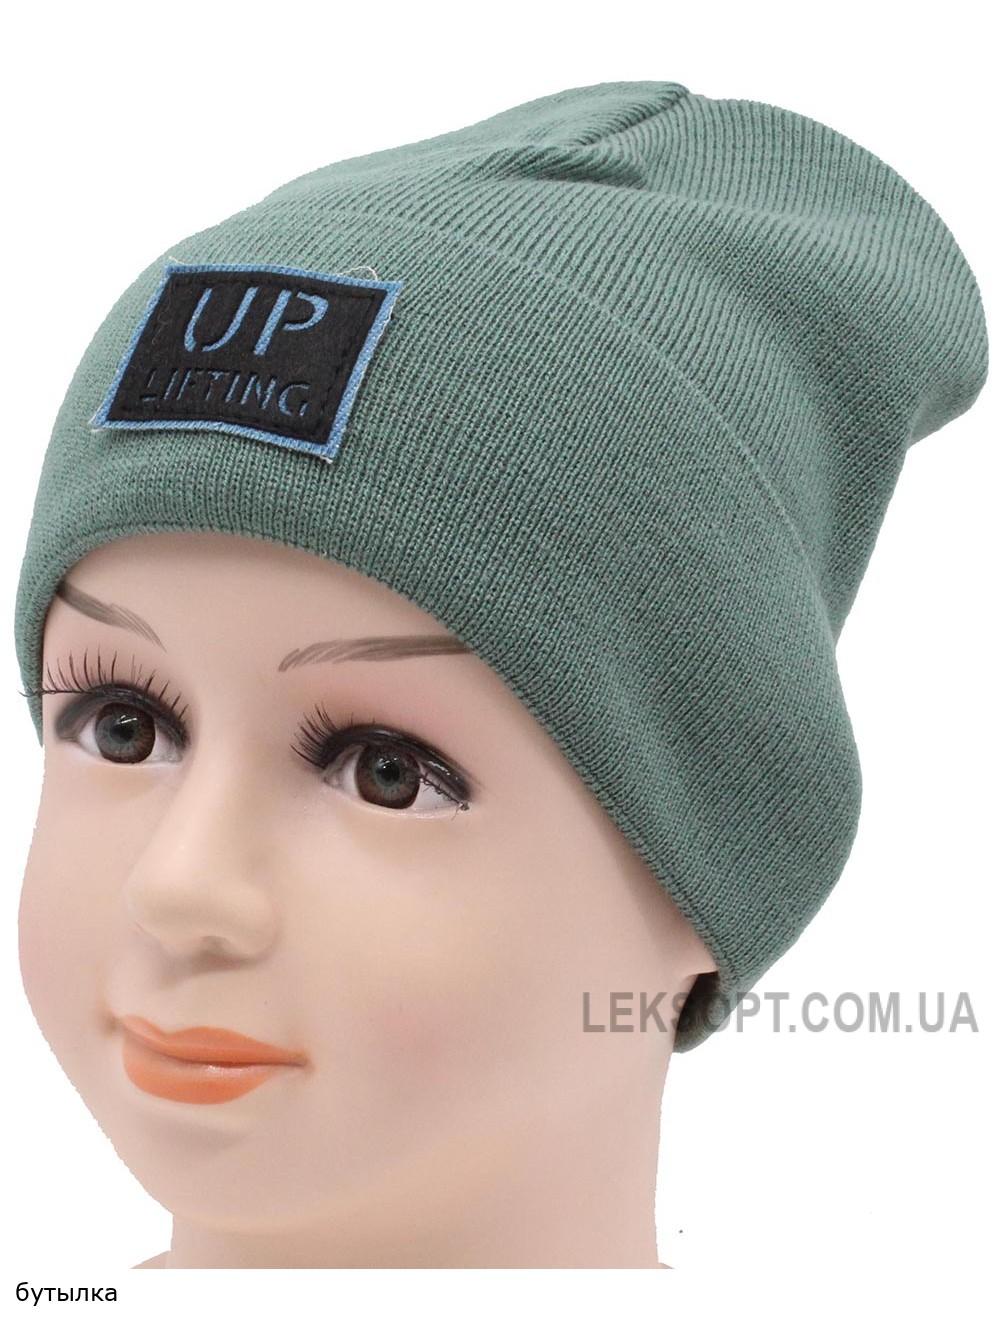 Детская вязаная шапка Фристайл DV11222-48-52